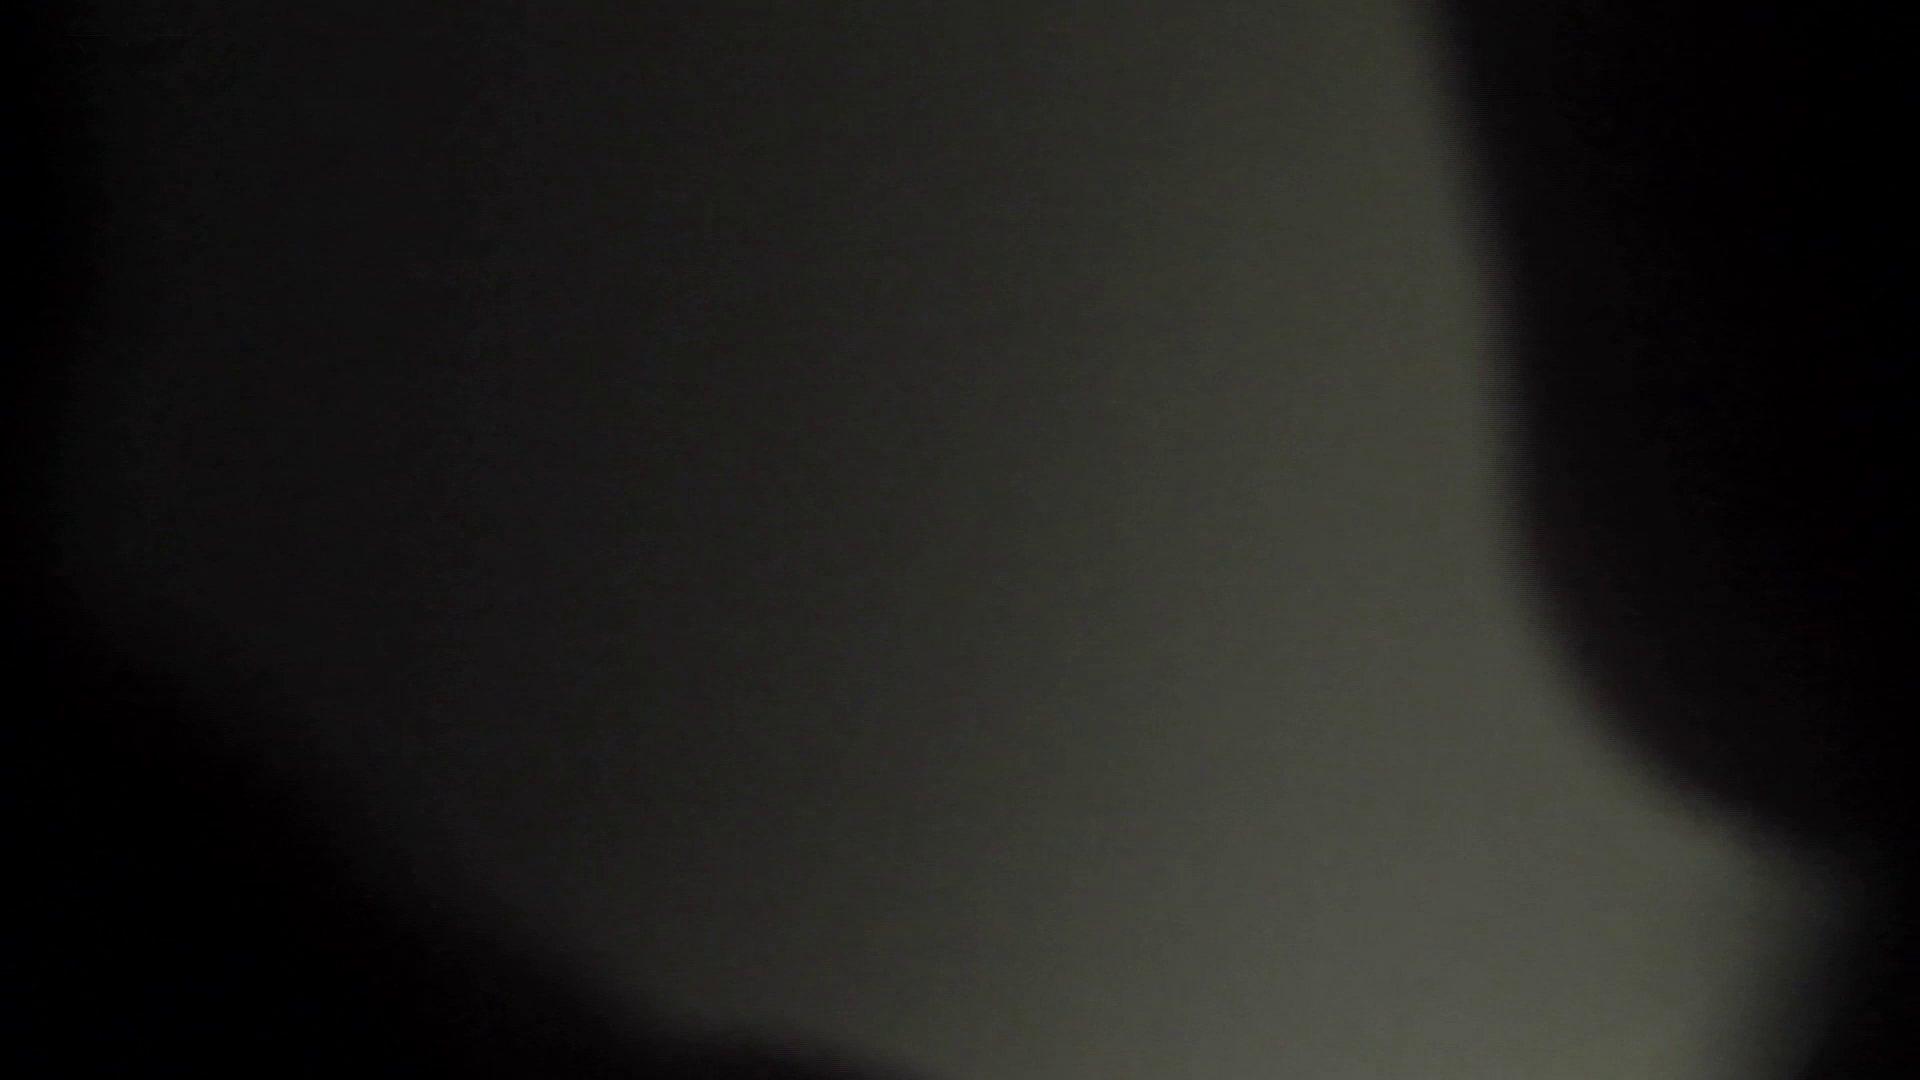 ステーション編 vol45 綺麗な「線」しか見えないっす。 OL女体  53連発 42